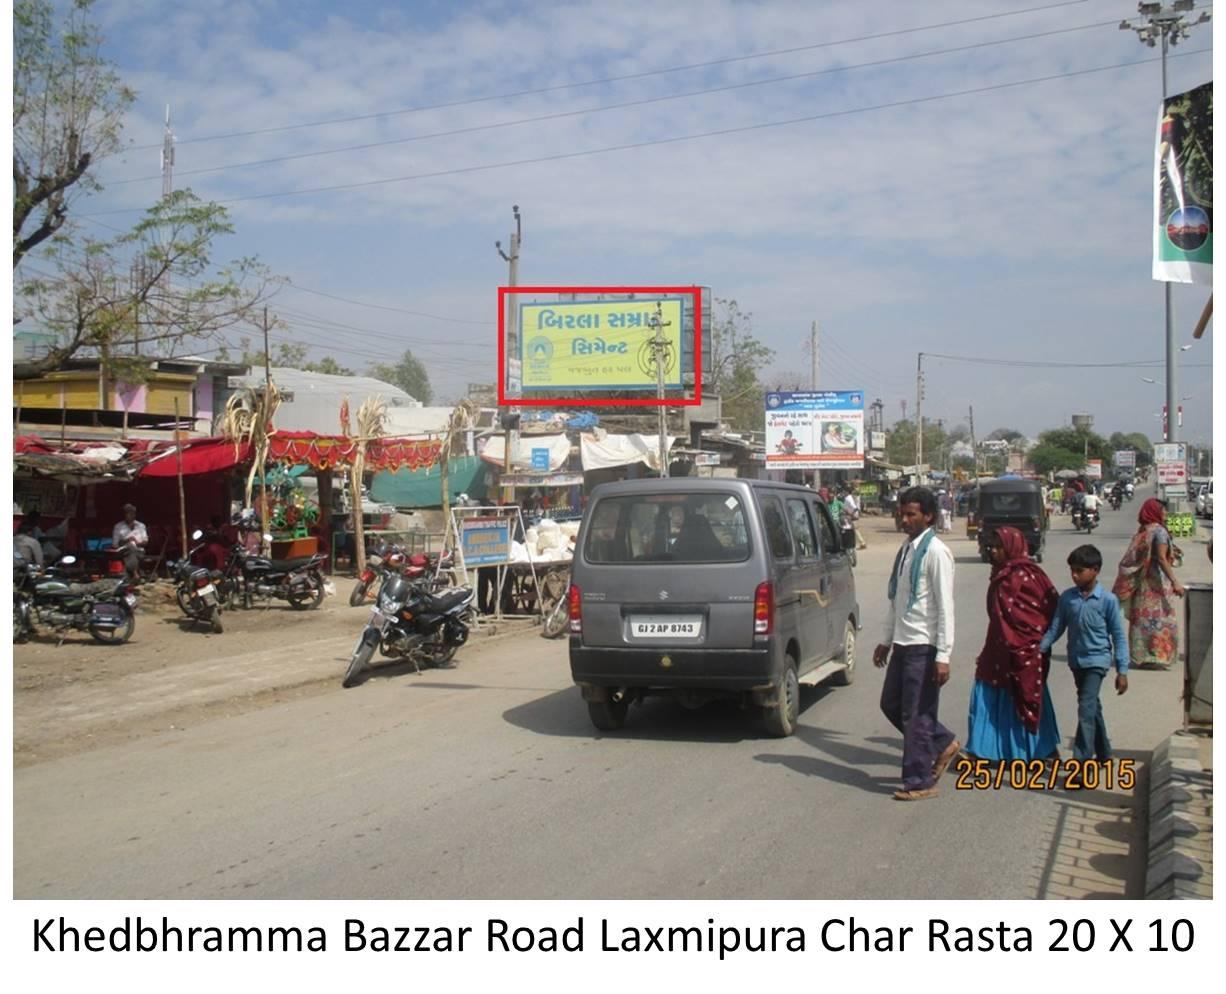 Bazzar Road Laxmipura Char Rasta, Khedbrahma